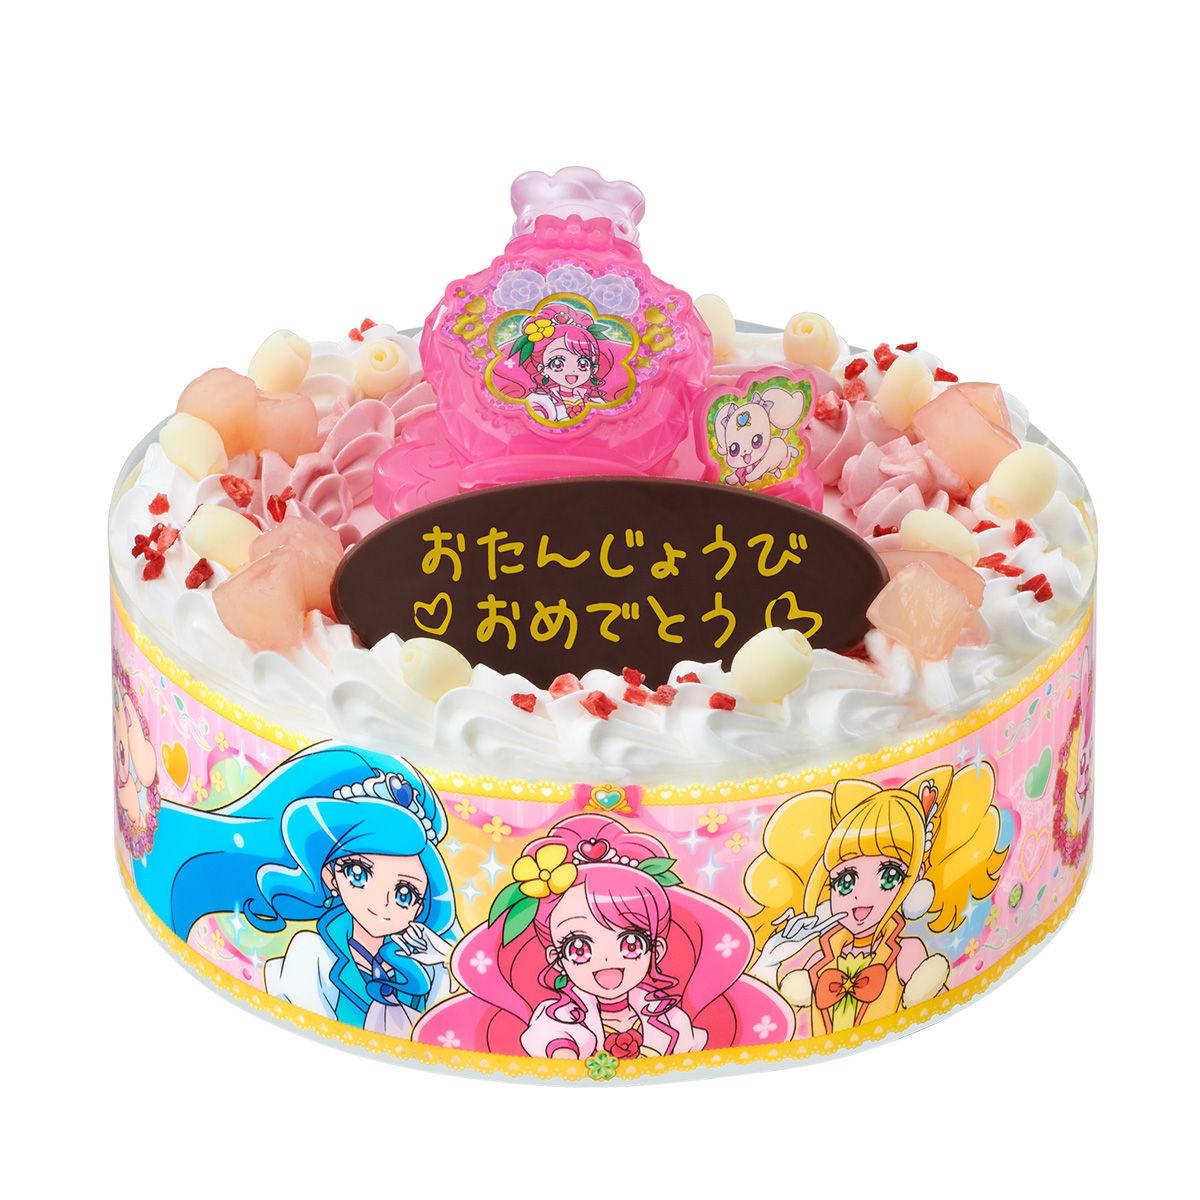 キャラデコお祝いケーキ ヒーリングっど プリキュア[5号サイズ]_8